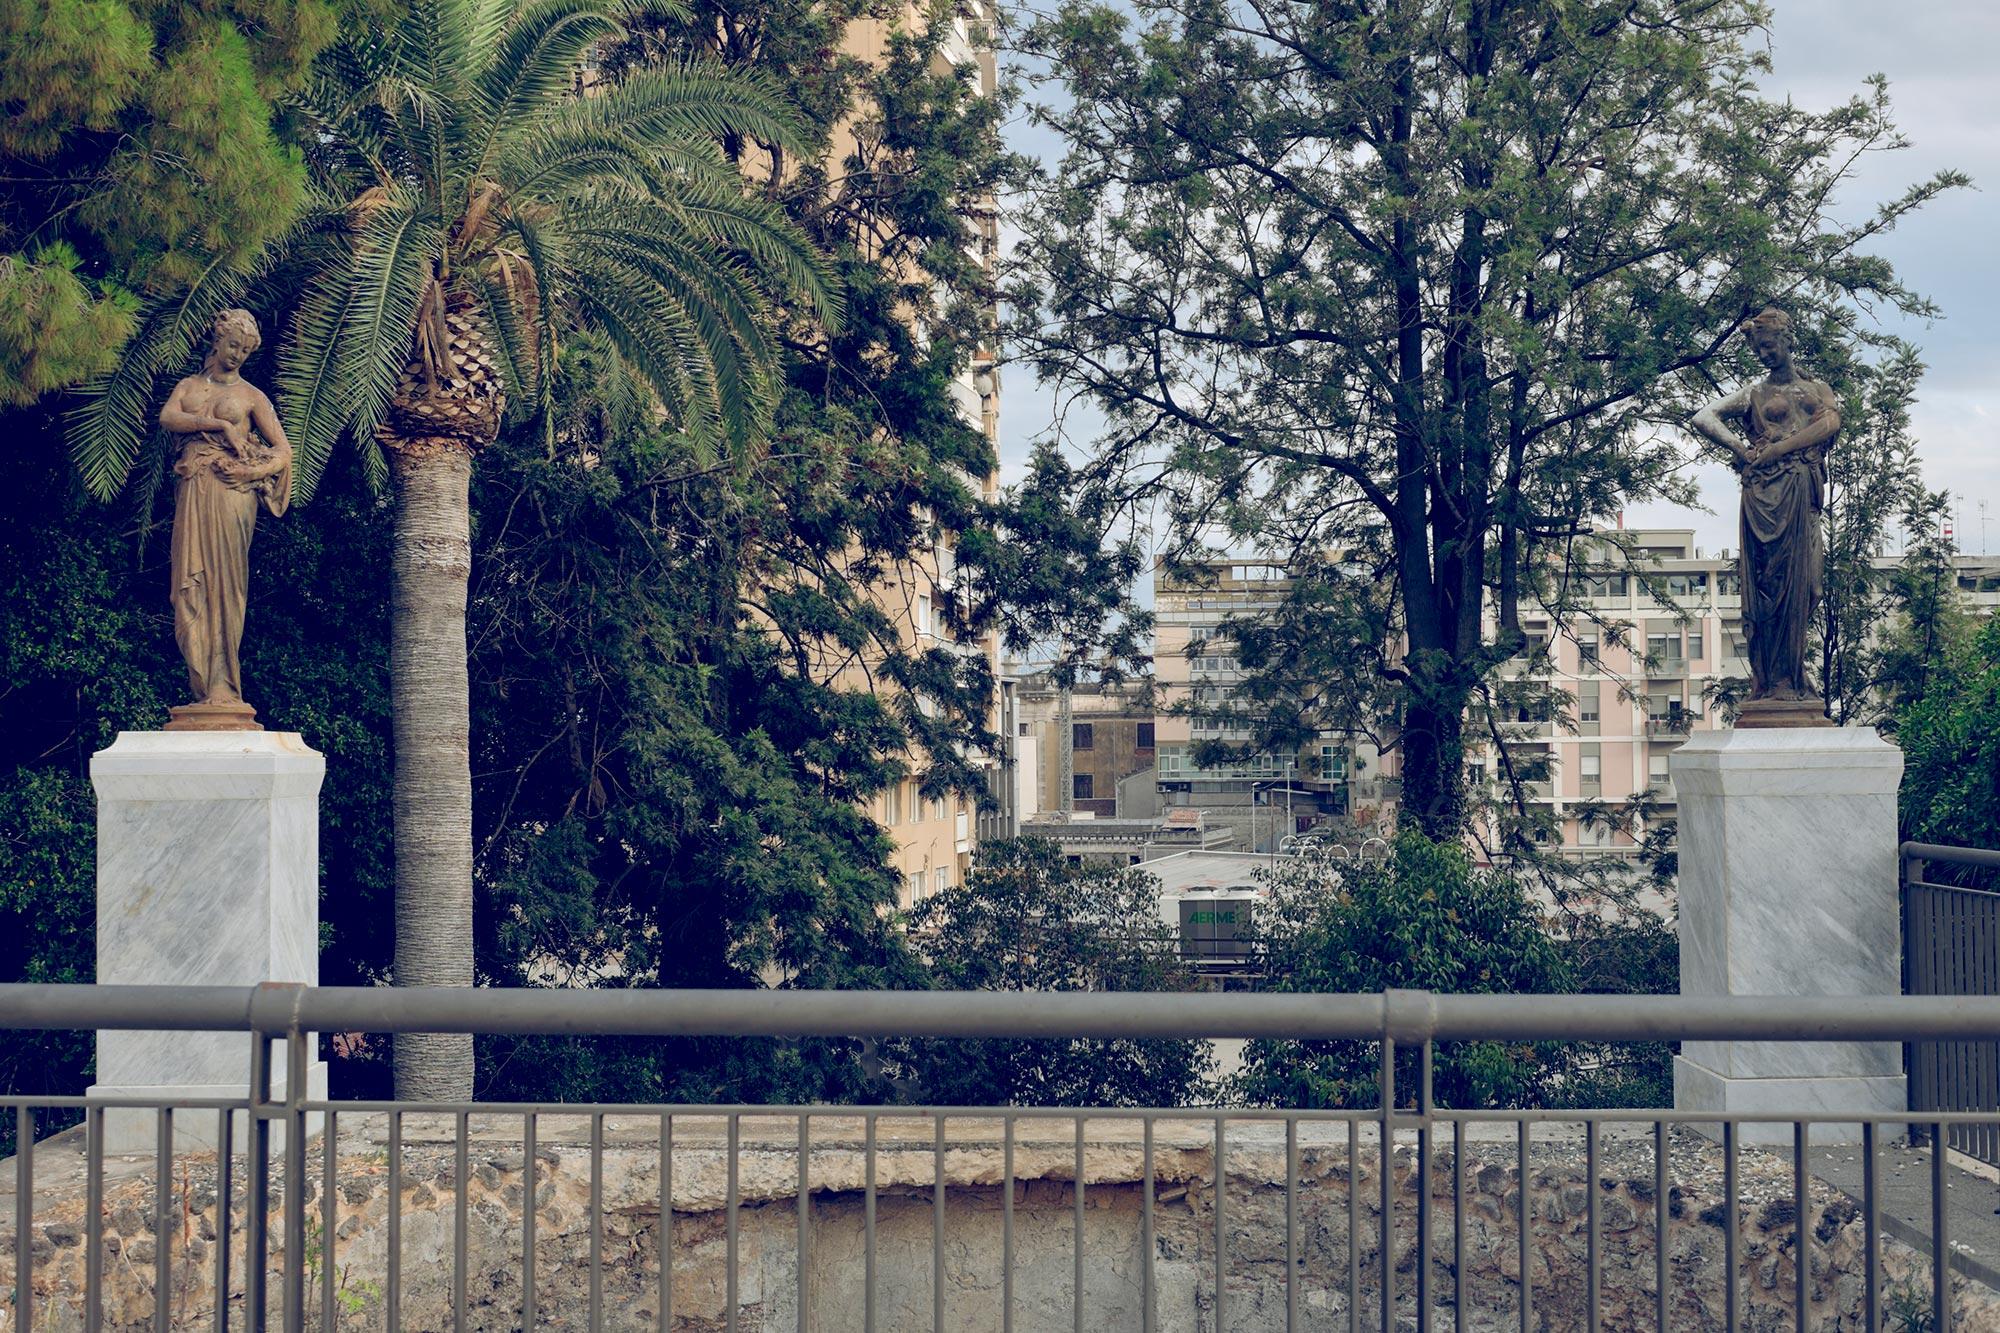 italy-sicilia-catania-giardino-bellini-statues